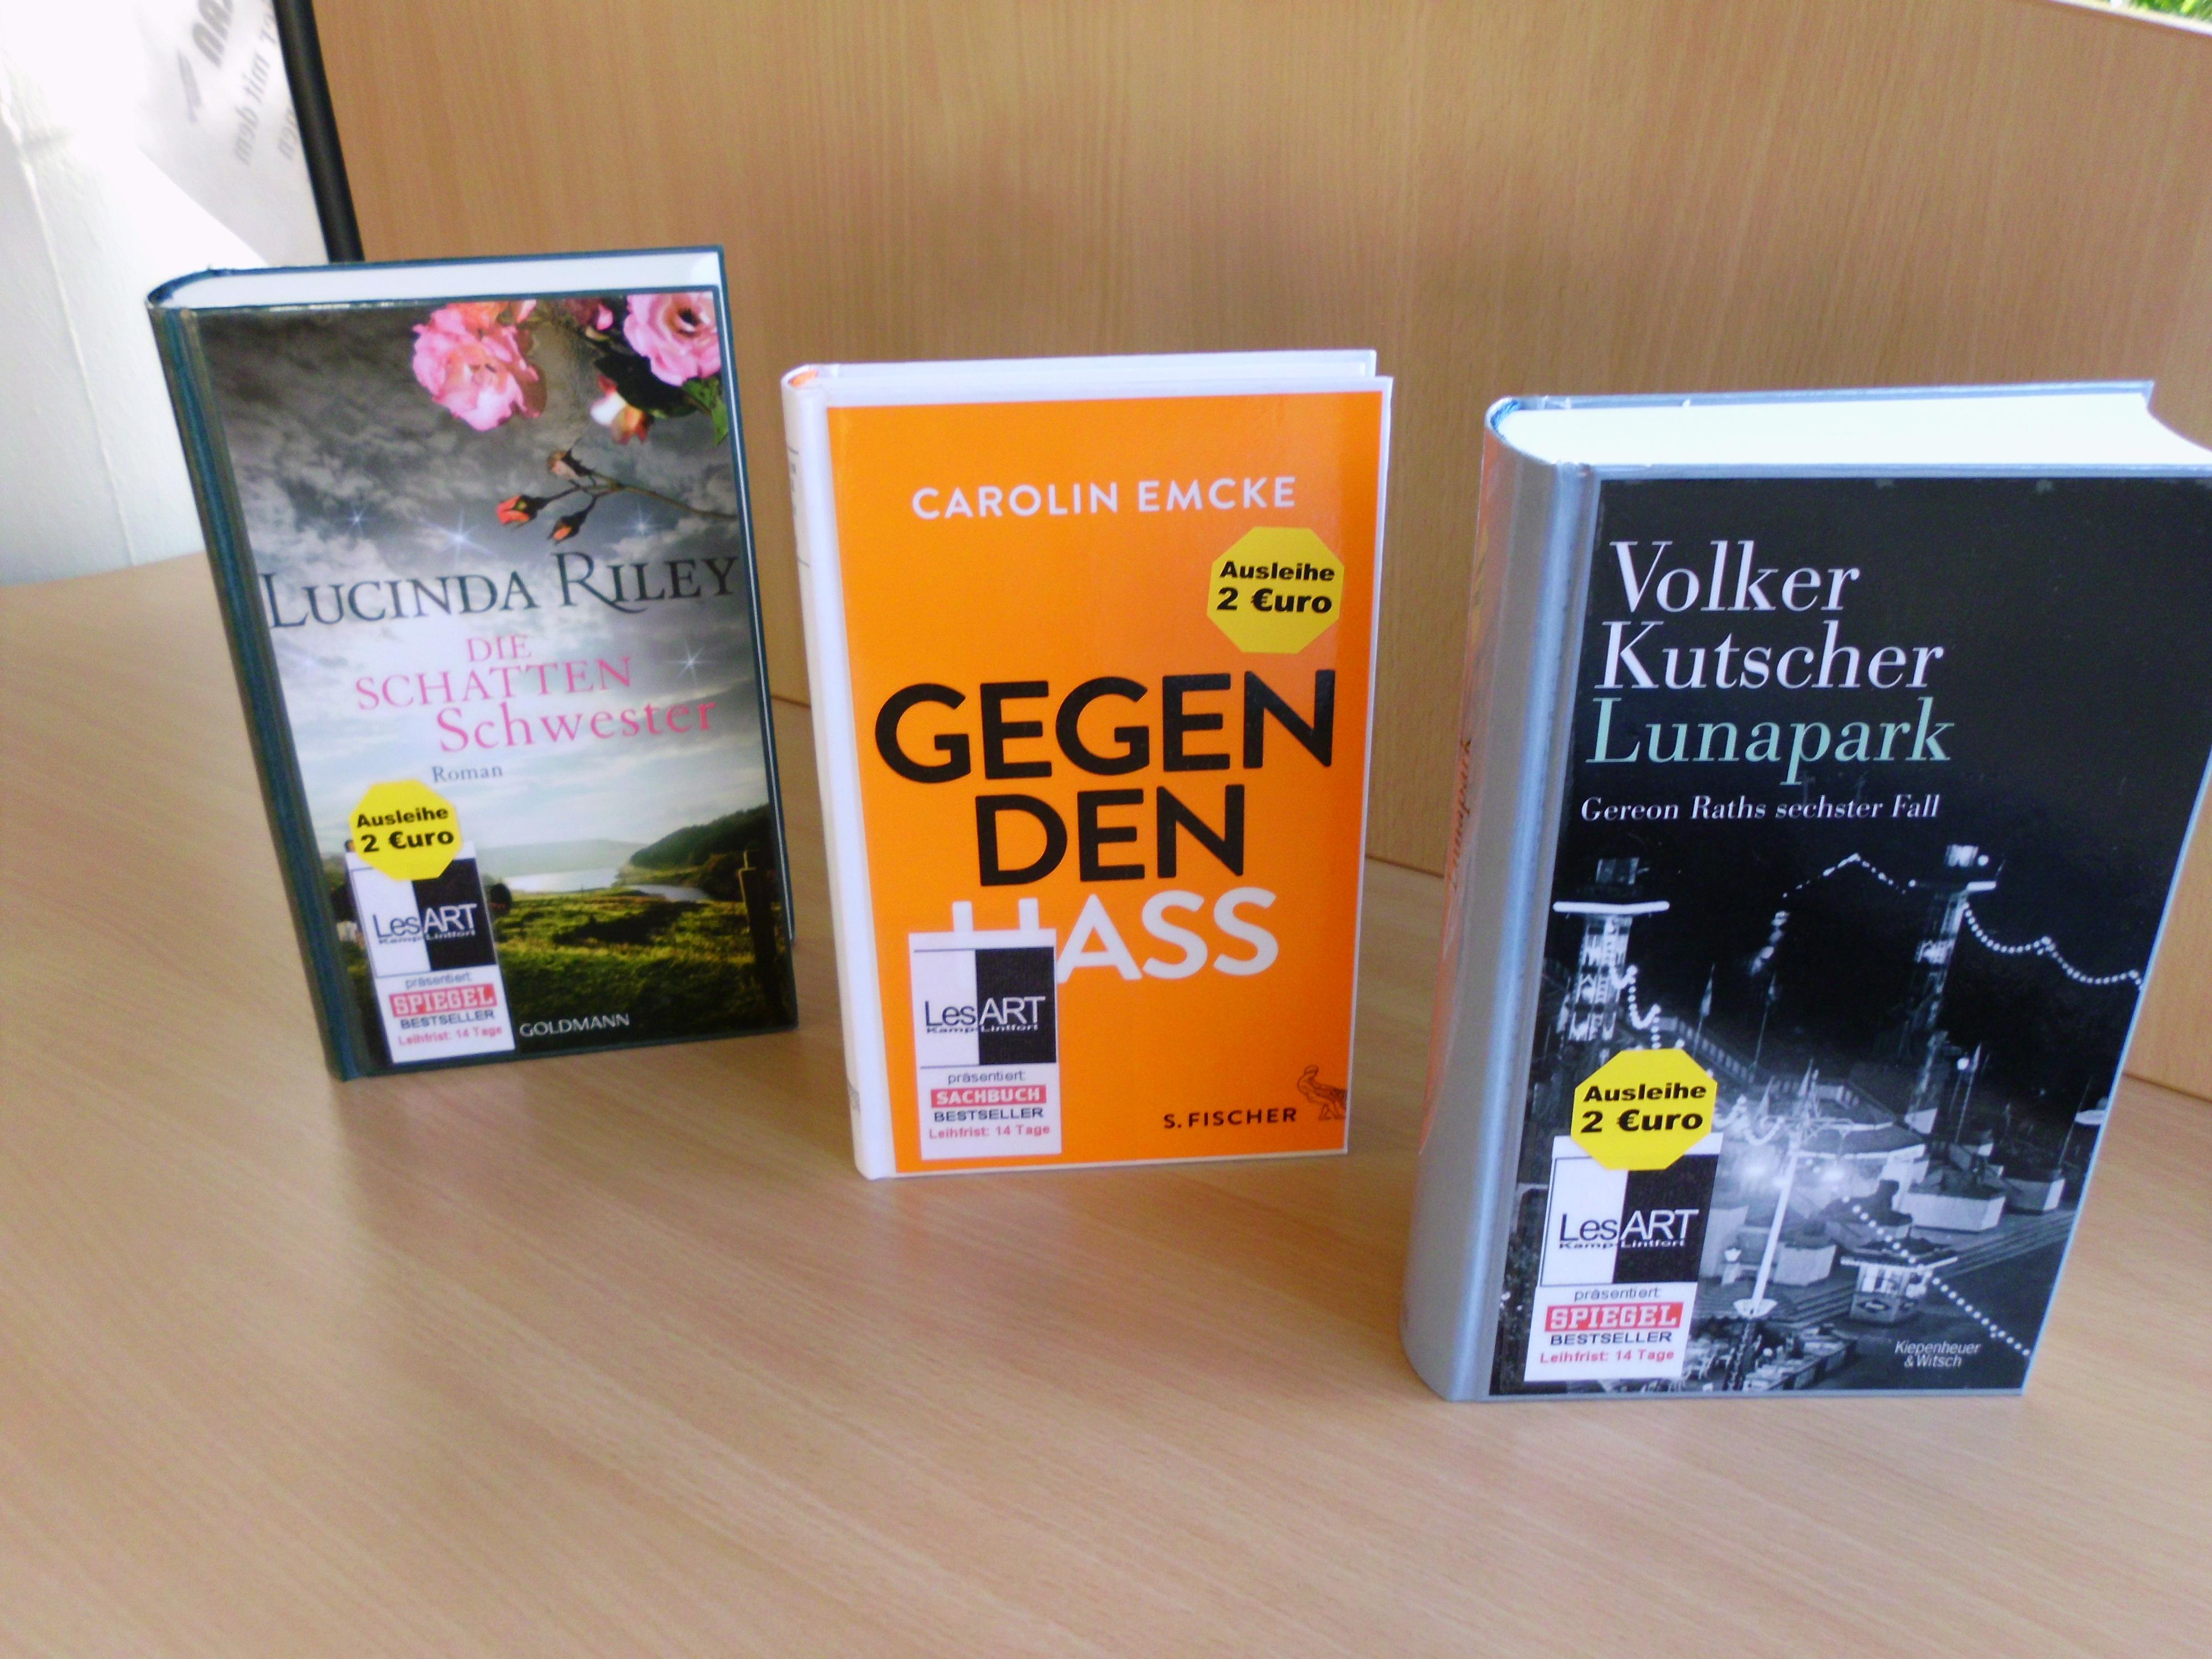 Bestseller Emcke, Riley, Kutscher